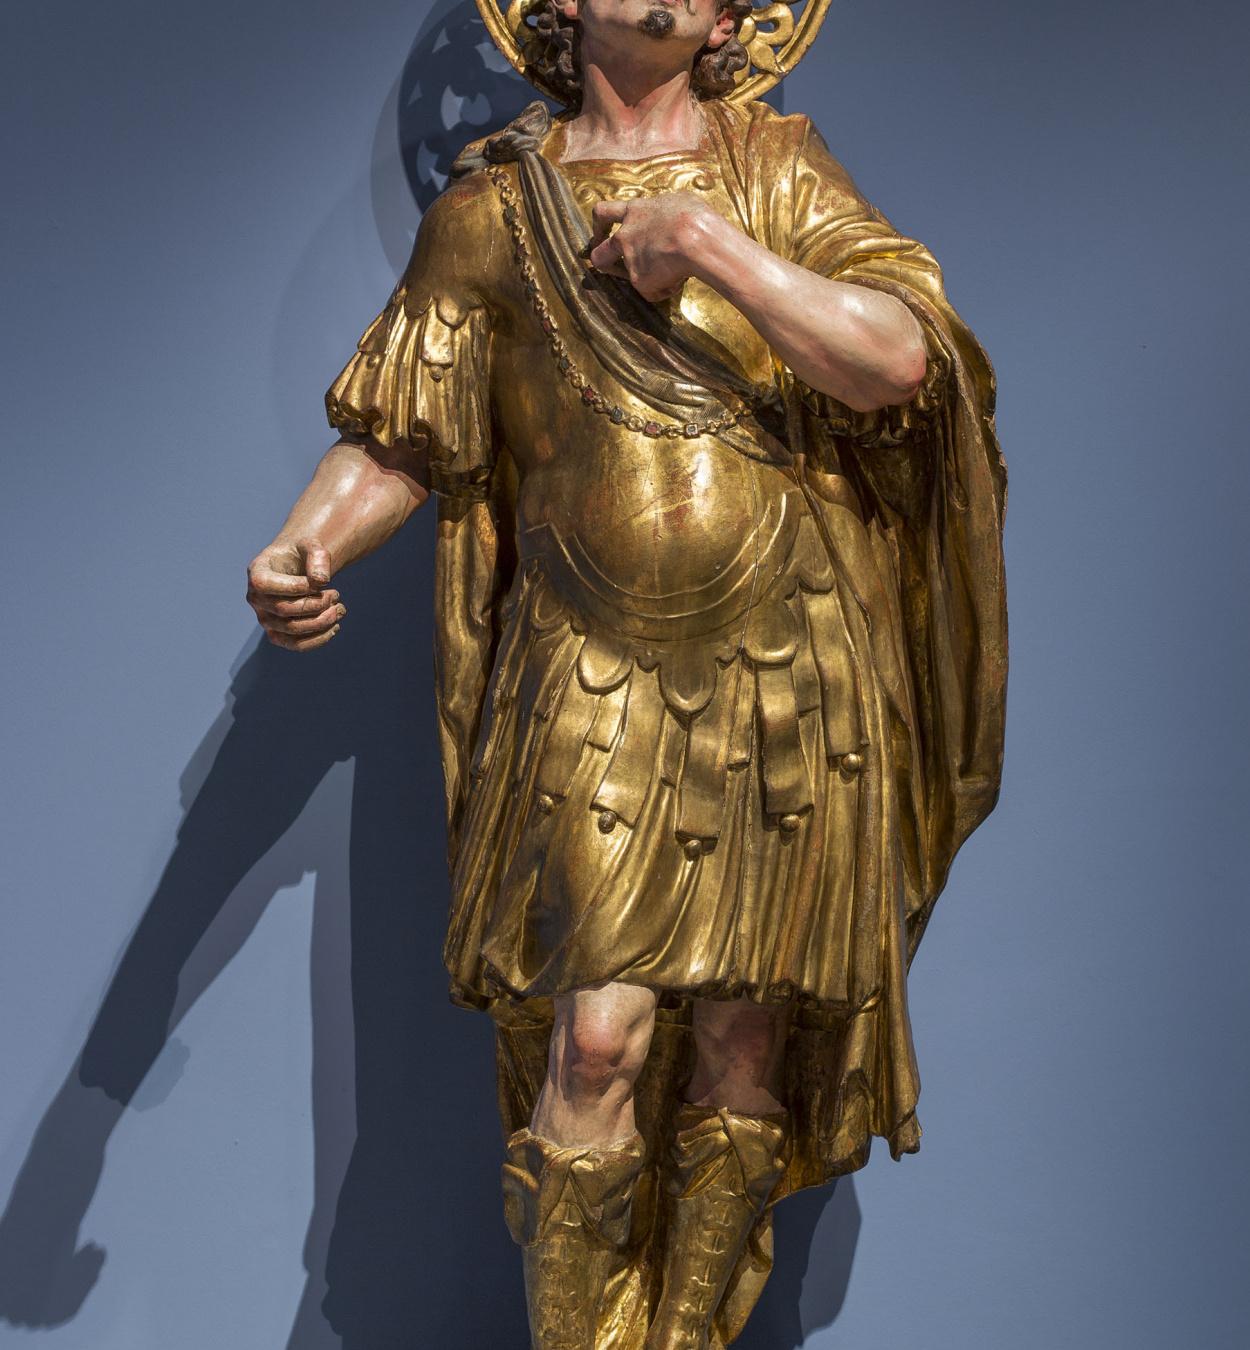 Andreu Sala - Warrior saint - Between 1680-1700